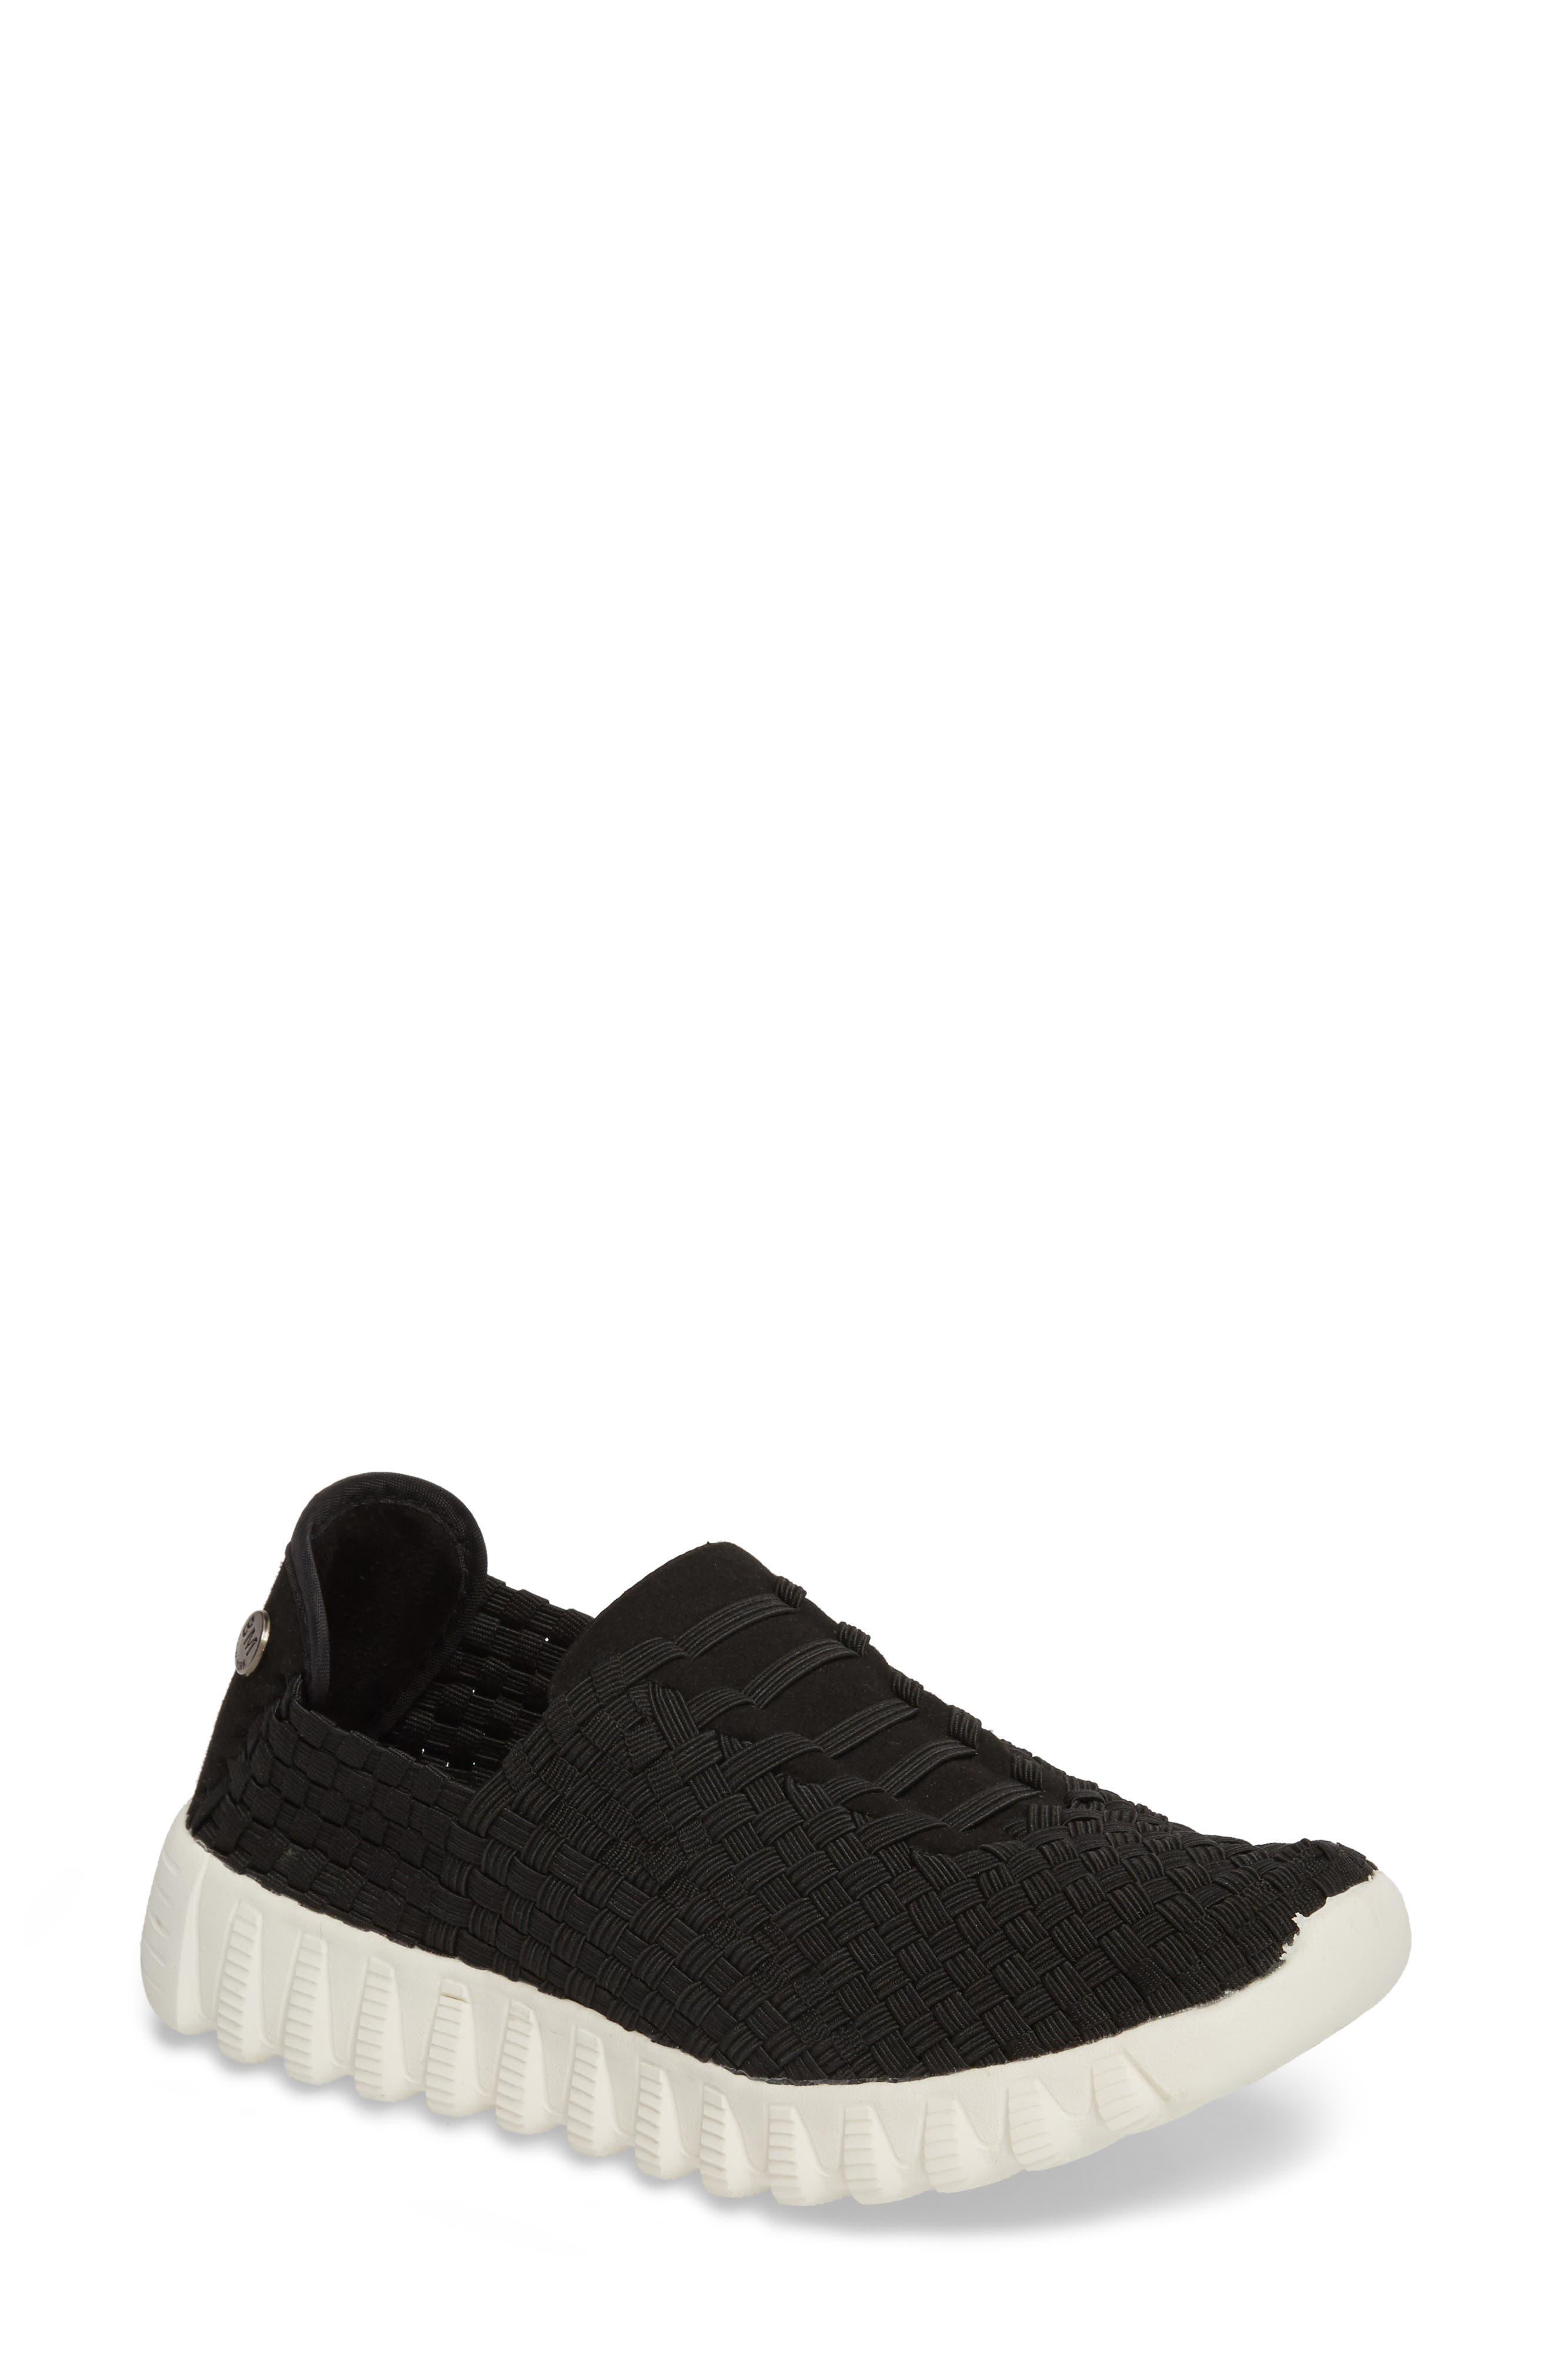 Vivaldi Slip-On Sneaker,                         Main,                         color, BLACK